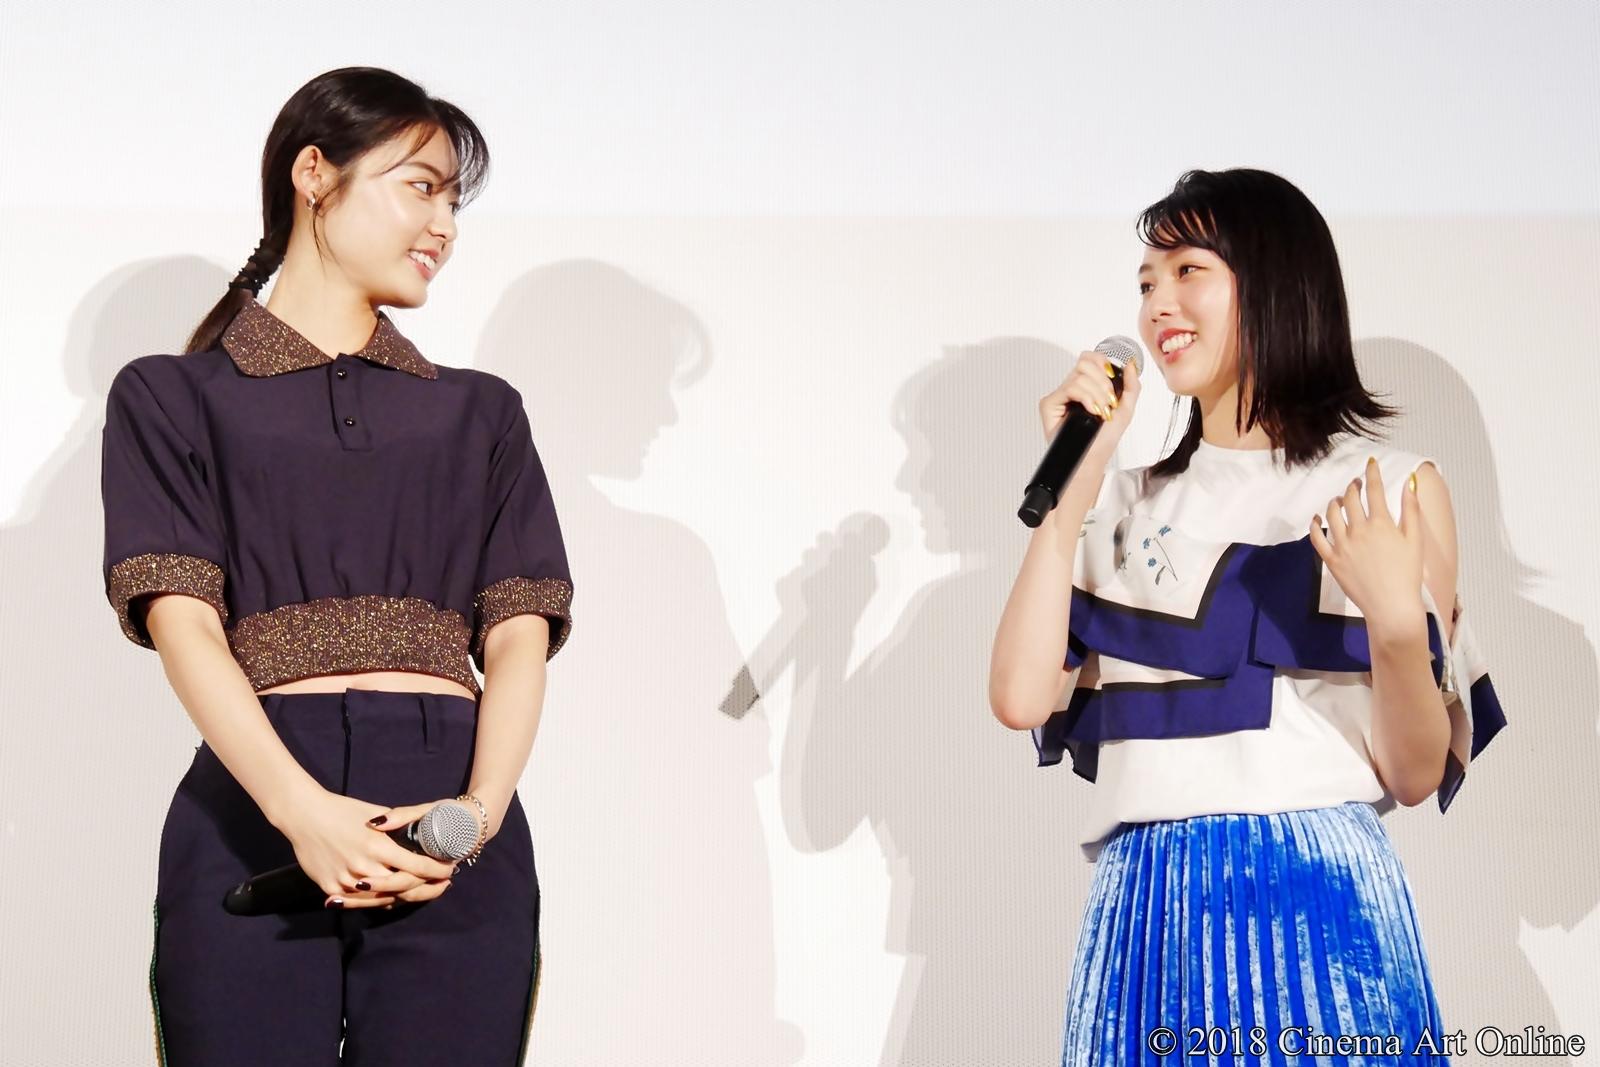 【写真】映画『青夏 きみに恋した30日』女子会舞台挨拶(古畑星夏、秋田汐梨)